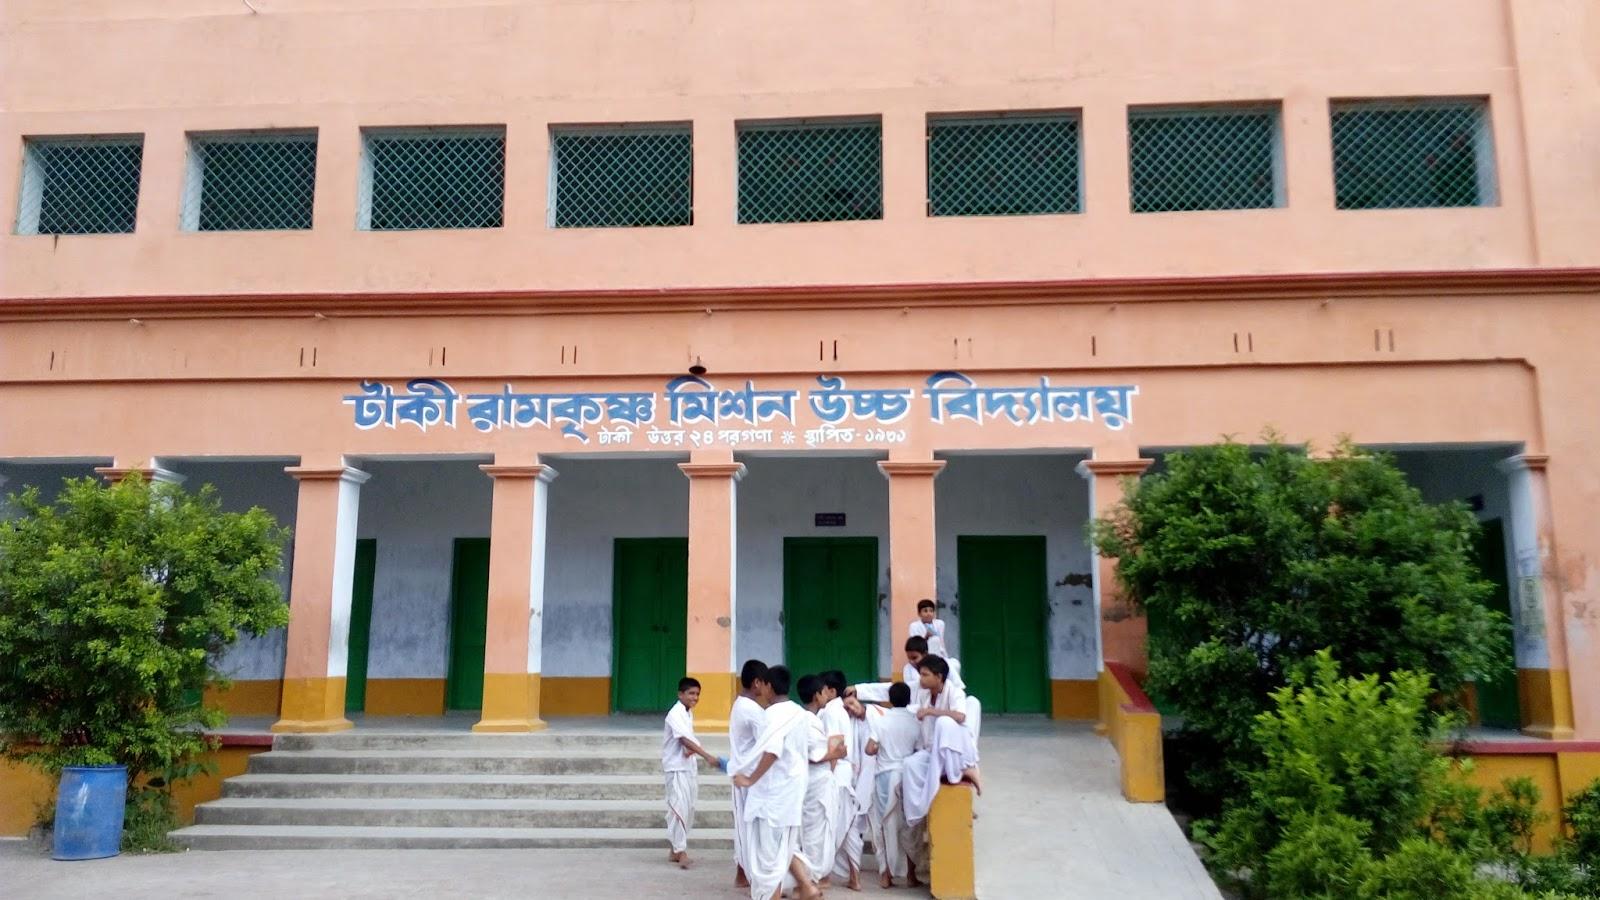 Taki RKM School